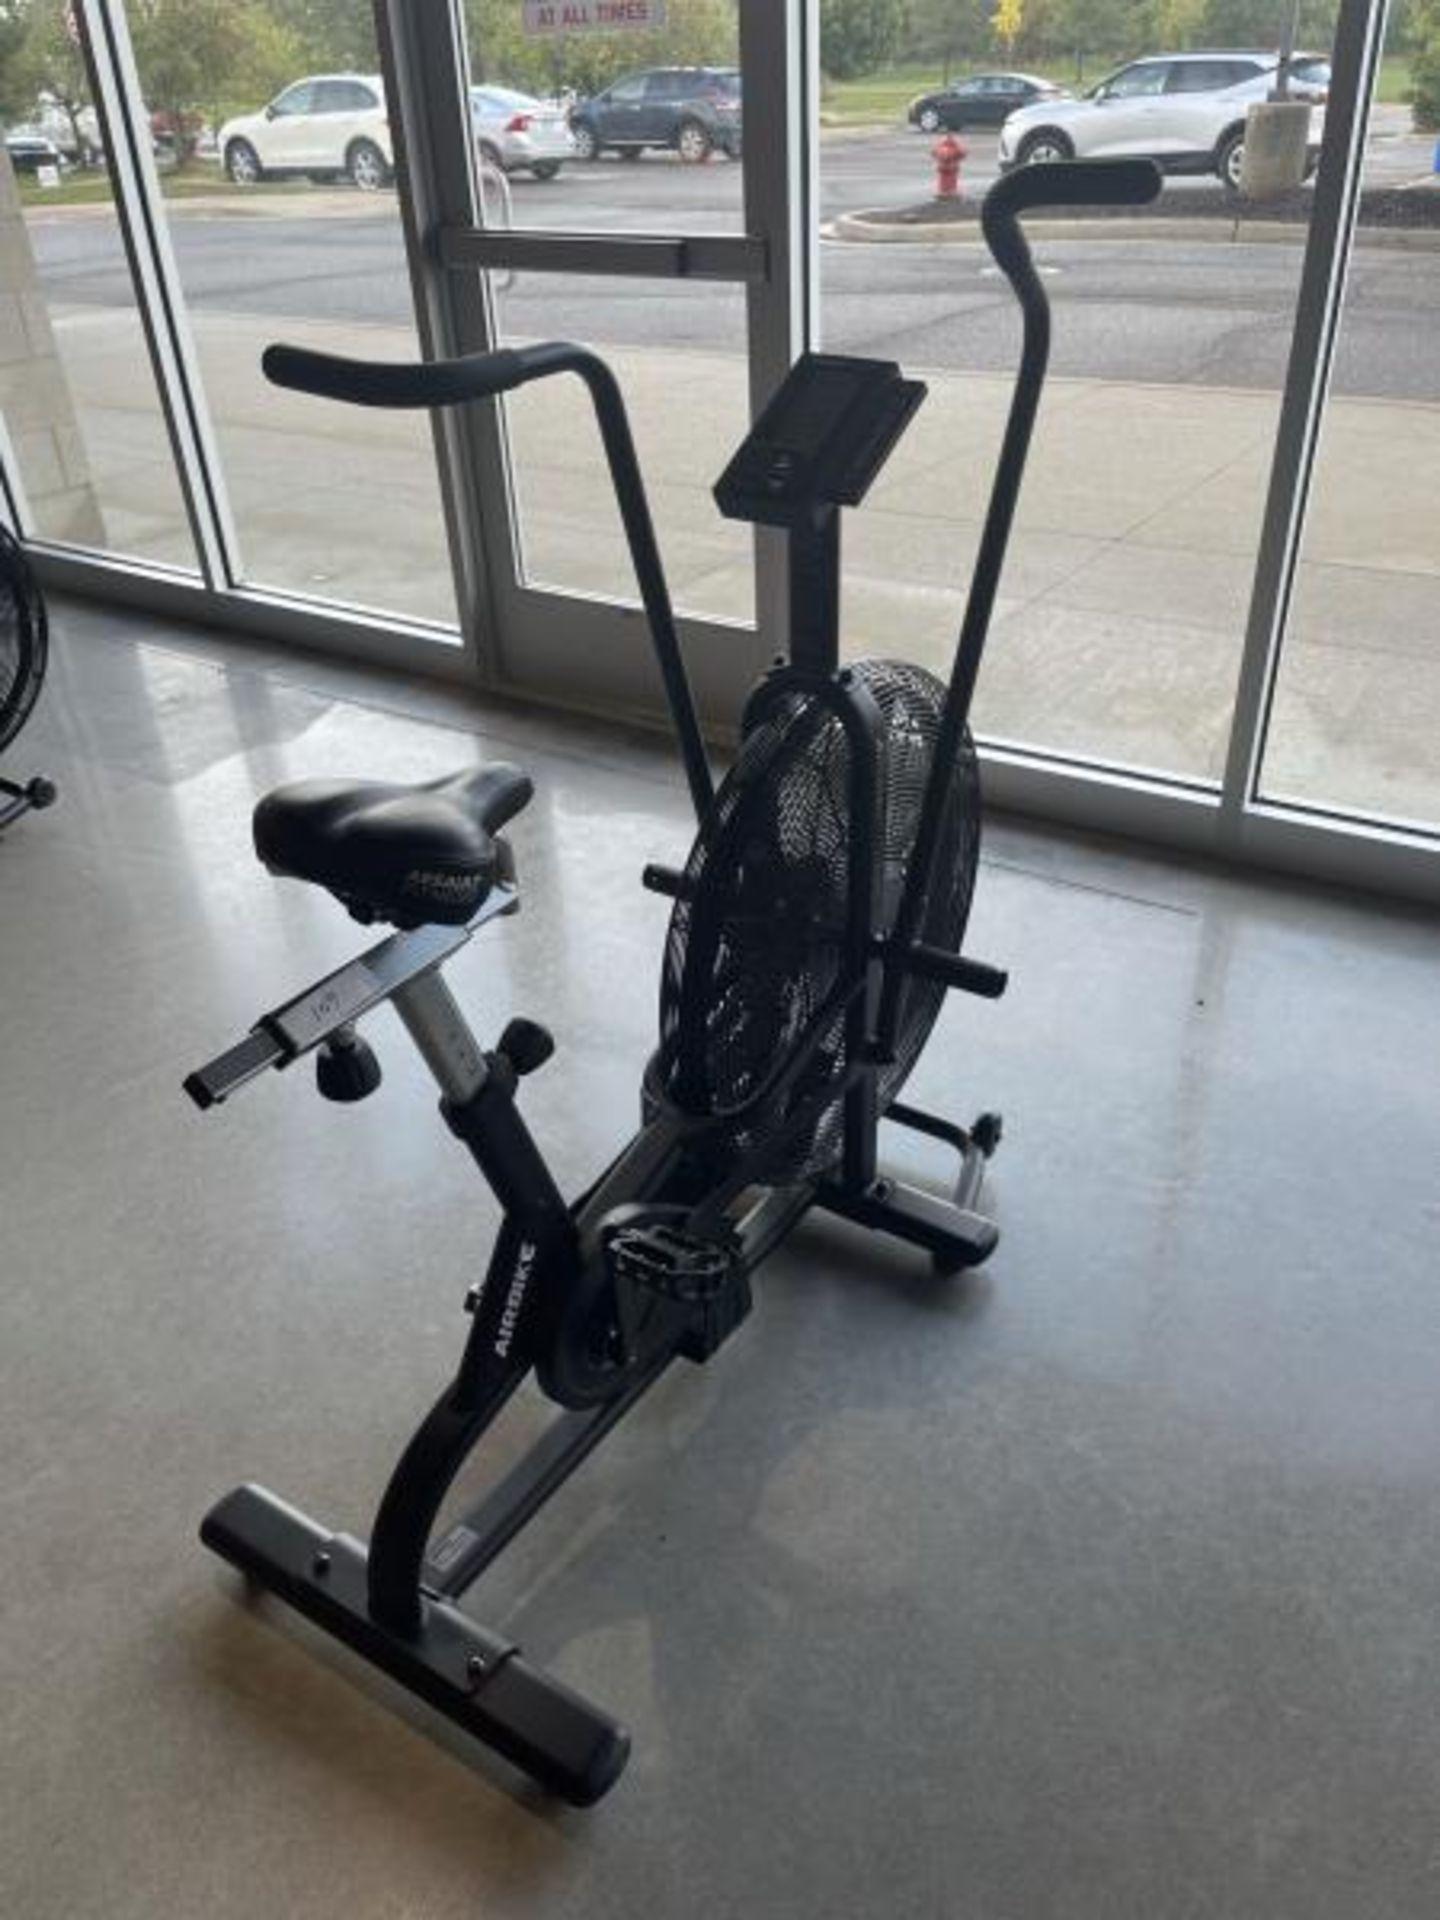 Assault Fitness Air Bike M: ASSAULTAIRBIKE - Image 6 of 7